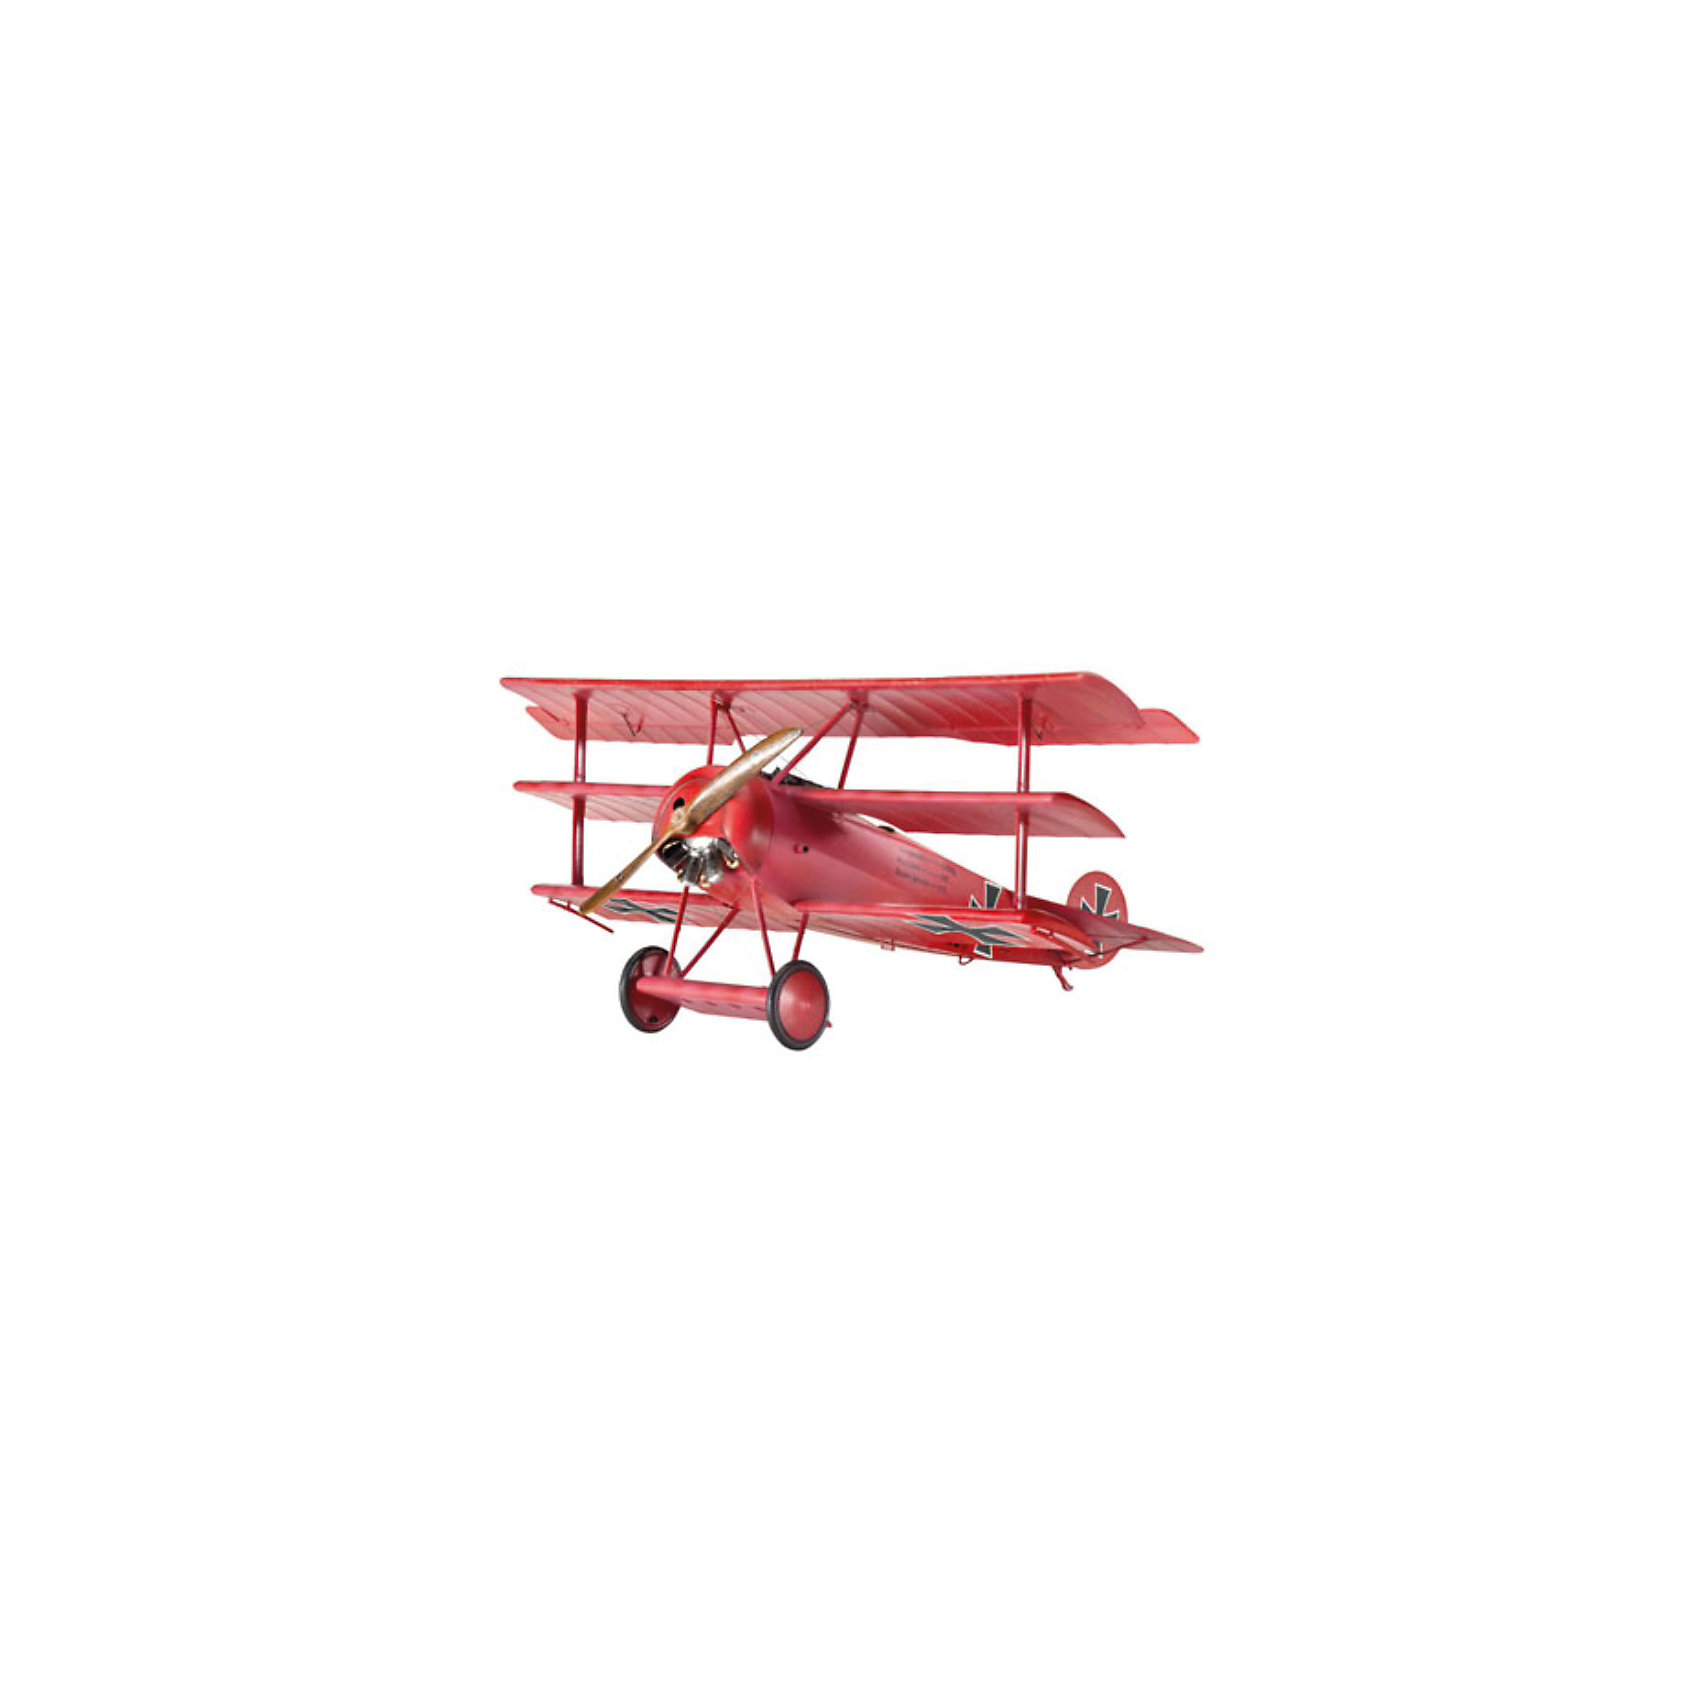 Самолет Триплан Истребитель Fokker Dr, RevellСамолет Триплан Истребитель Fokker Dr, Revell (Ревелл) – эта максимально детализированная модель станет отличным украшением комнаты.<br>Легкий, маневренный триплан Fokker Dr. I, несмотря на наличие некоторых заметных недостатков в конструкции, смог войти в историю авиации. Именно на таком самолете свои подвиги совершал немецкий ас Манфред фон Рихтгофен по прозвищу «Красный барон». Оригинальных самолетов Fokker Dr. I сейчас уже не осталось, но существуют достоверные копии, высоко ценимые коллекционерами. Первый полет Fokker Dr. I состоялся в 1917 году. Сборная модель самолета Триплан Истребитель Fokker Dr от Revell (Ревелл) является абсолютно точной уменьшенной копией своего прототипа. Модель состоит из 77 деталей, которые необходимо собрать, склеить и покрыть краской в соответствии с инструкцией. В наборе также прилагаются клей в удобной упаковке, краски и кисточка. Модель тщательно проработана. Разработанная для детей от 10 лет, сборная модель самолета, определённо, принесёт массу положительных эмоций и взрослым любителям моделирования, и коллекционерам военной техники. Моделирование считается одним из наиболее полезных хобби, ведь оно развивает интеллектуальные и инструментальные способности, воображение и конструктивное мышление. Прививает практические навыки работы со схемами и чертежами.<br><br>Дополнительная информация:<br><br>- Возраст: для детей старше 10-и лет<br>- В наборе: комплект пластиковых деталей для сборки модели, базовые акриловые краски, клей, кисточка, инструкция<br>- Количество деталей: 77 шт.<br>- Масштаб модели: 1:48<br>- Длина модели: 120 мм.<br>- Размах крыльев: 152 мм.<br>- Уровень сложности: 4 (из 5)<br>- Дополнительно потребуются: кусачки, для того чтобы отделить детали с литников<br>- Краски из набора можно разбавлять обычной водой или фирменным растворителем Revell (Ревелл)<br><br>Модель Самолета Триплан Истребитель Fokker Dr, Revell (Ревелл) можно купить в нашем интернет-магазине.<br><br>Шир